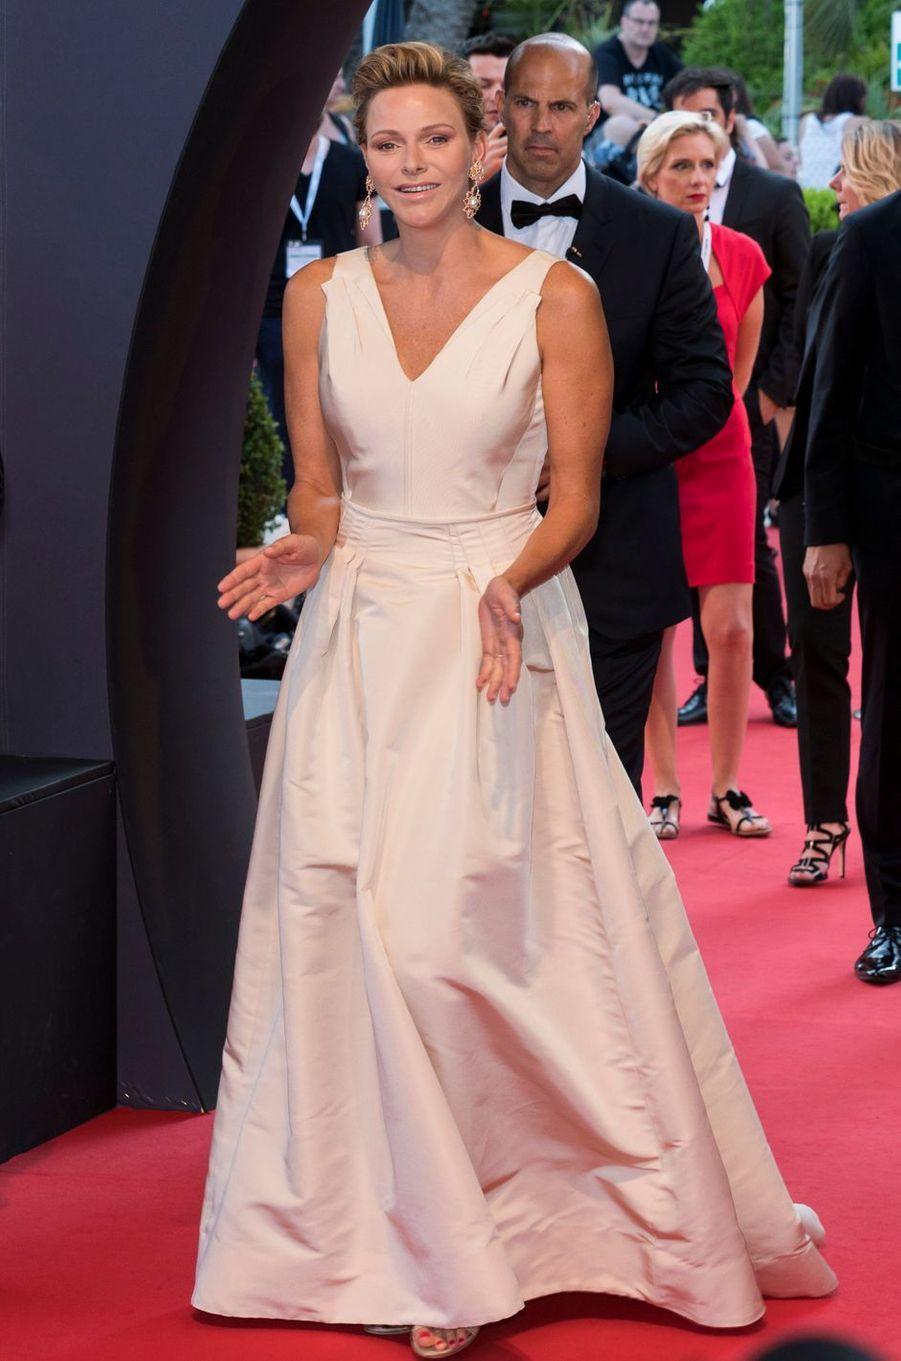 La princesse Charlène de Monaco lors de la clôture du 58e Festival de télévision de Monte-Carlo à Monaco, le 19 juin 2018